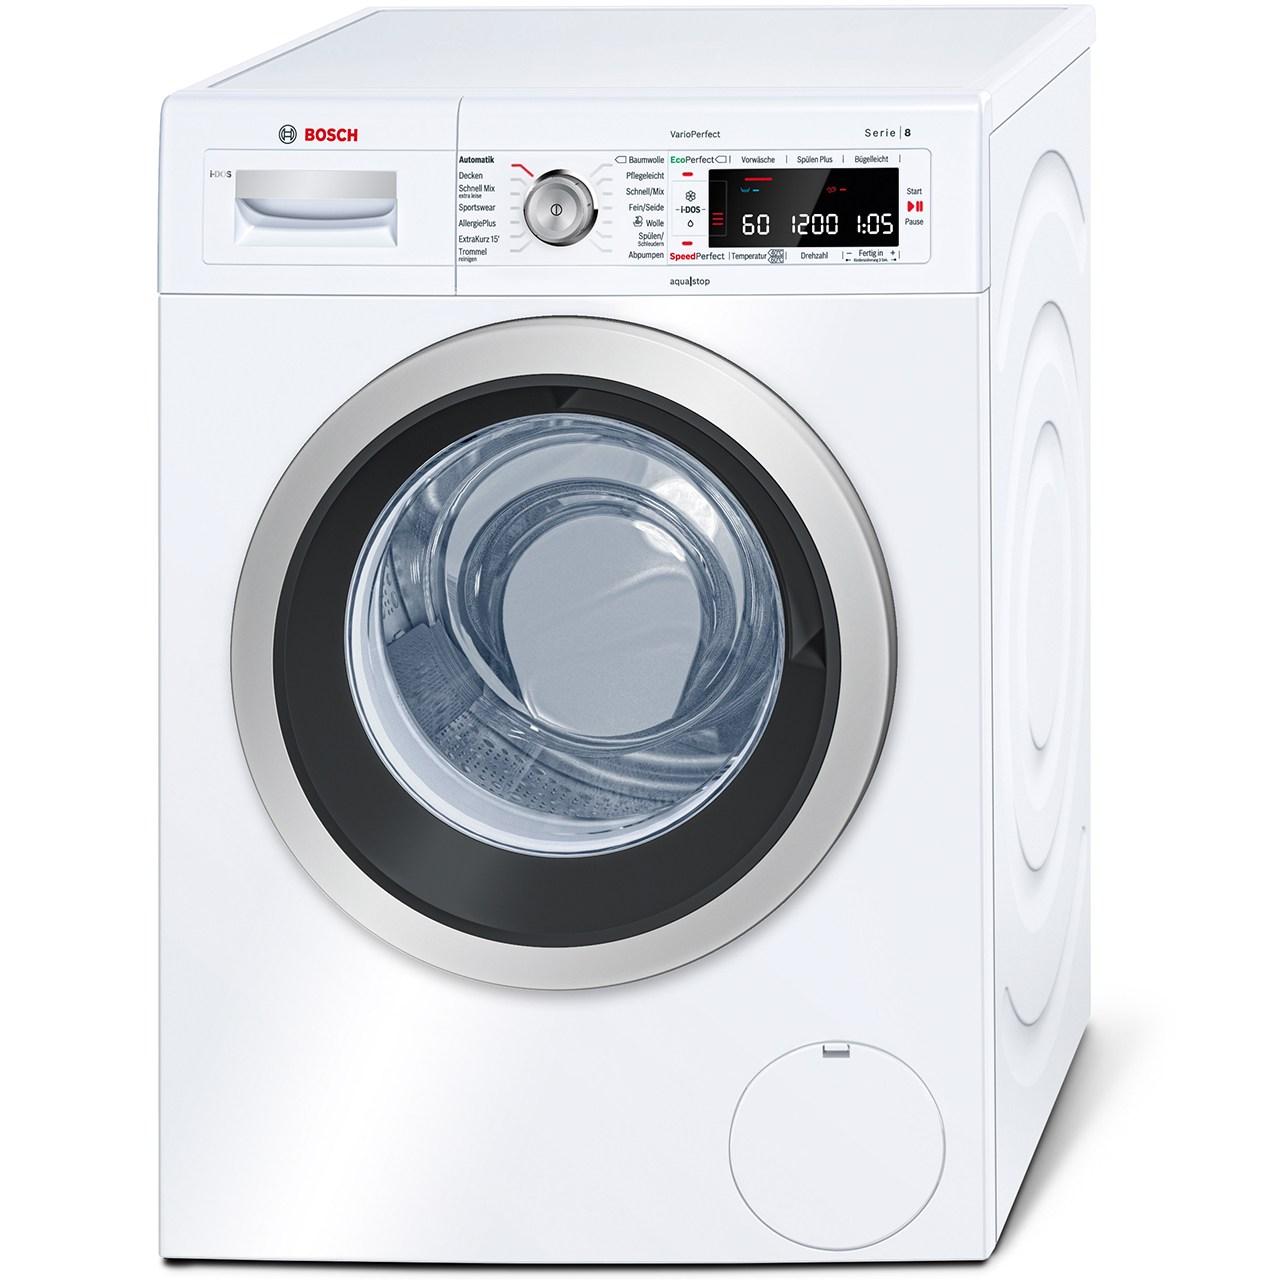 ماشین لباسشویی بوش مدل WAW28640 ظرفیت 8 کیلوگرم